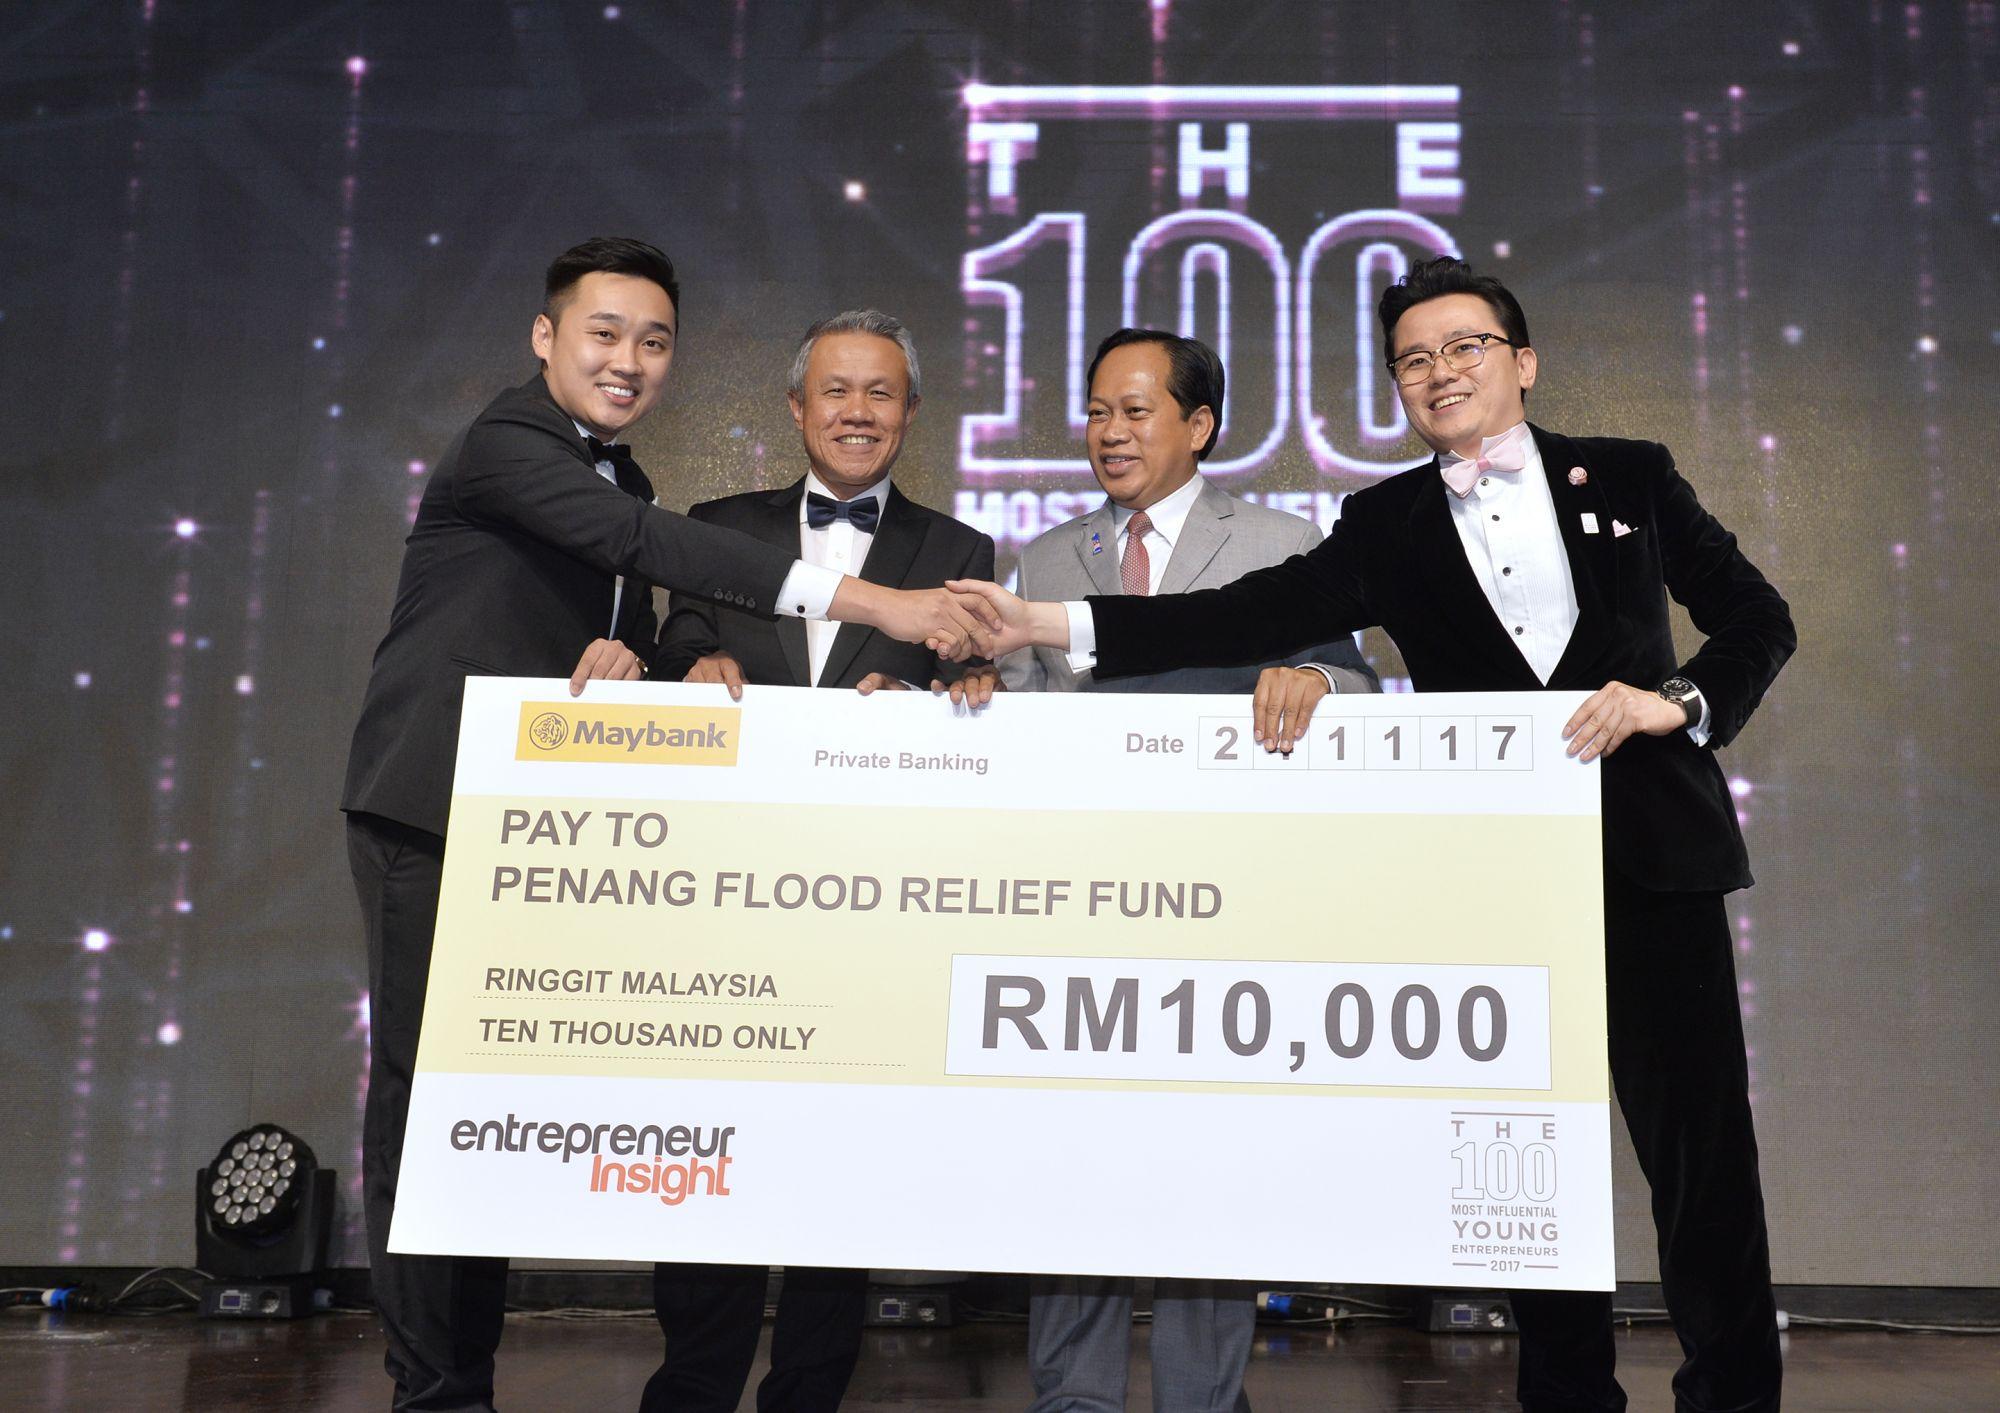 Kris See Ke Shyang, Dato' Wan Latiff Wan Musa, Datuk Ahmad Maslan and Dato' KK Chua